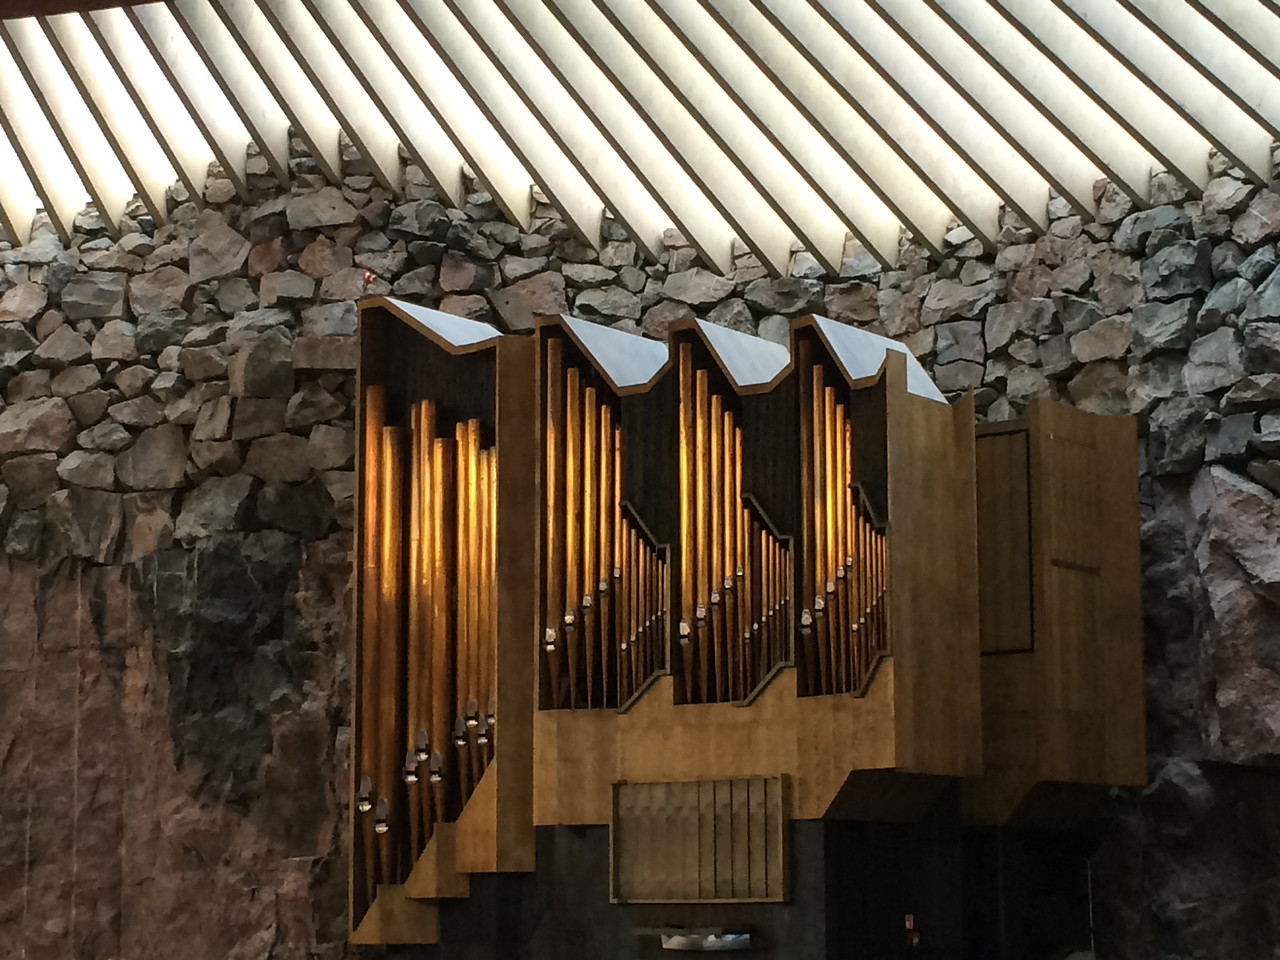 Helsinki - Church of the Rock. Finnish: Temppeliaukion kirkko